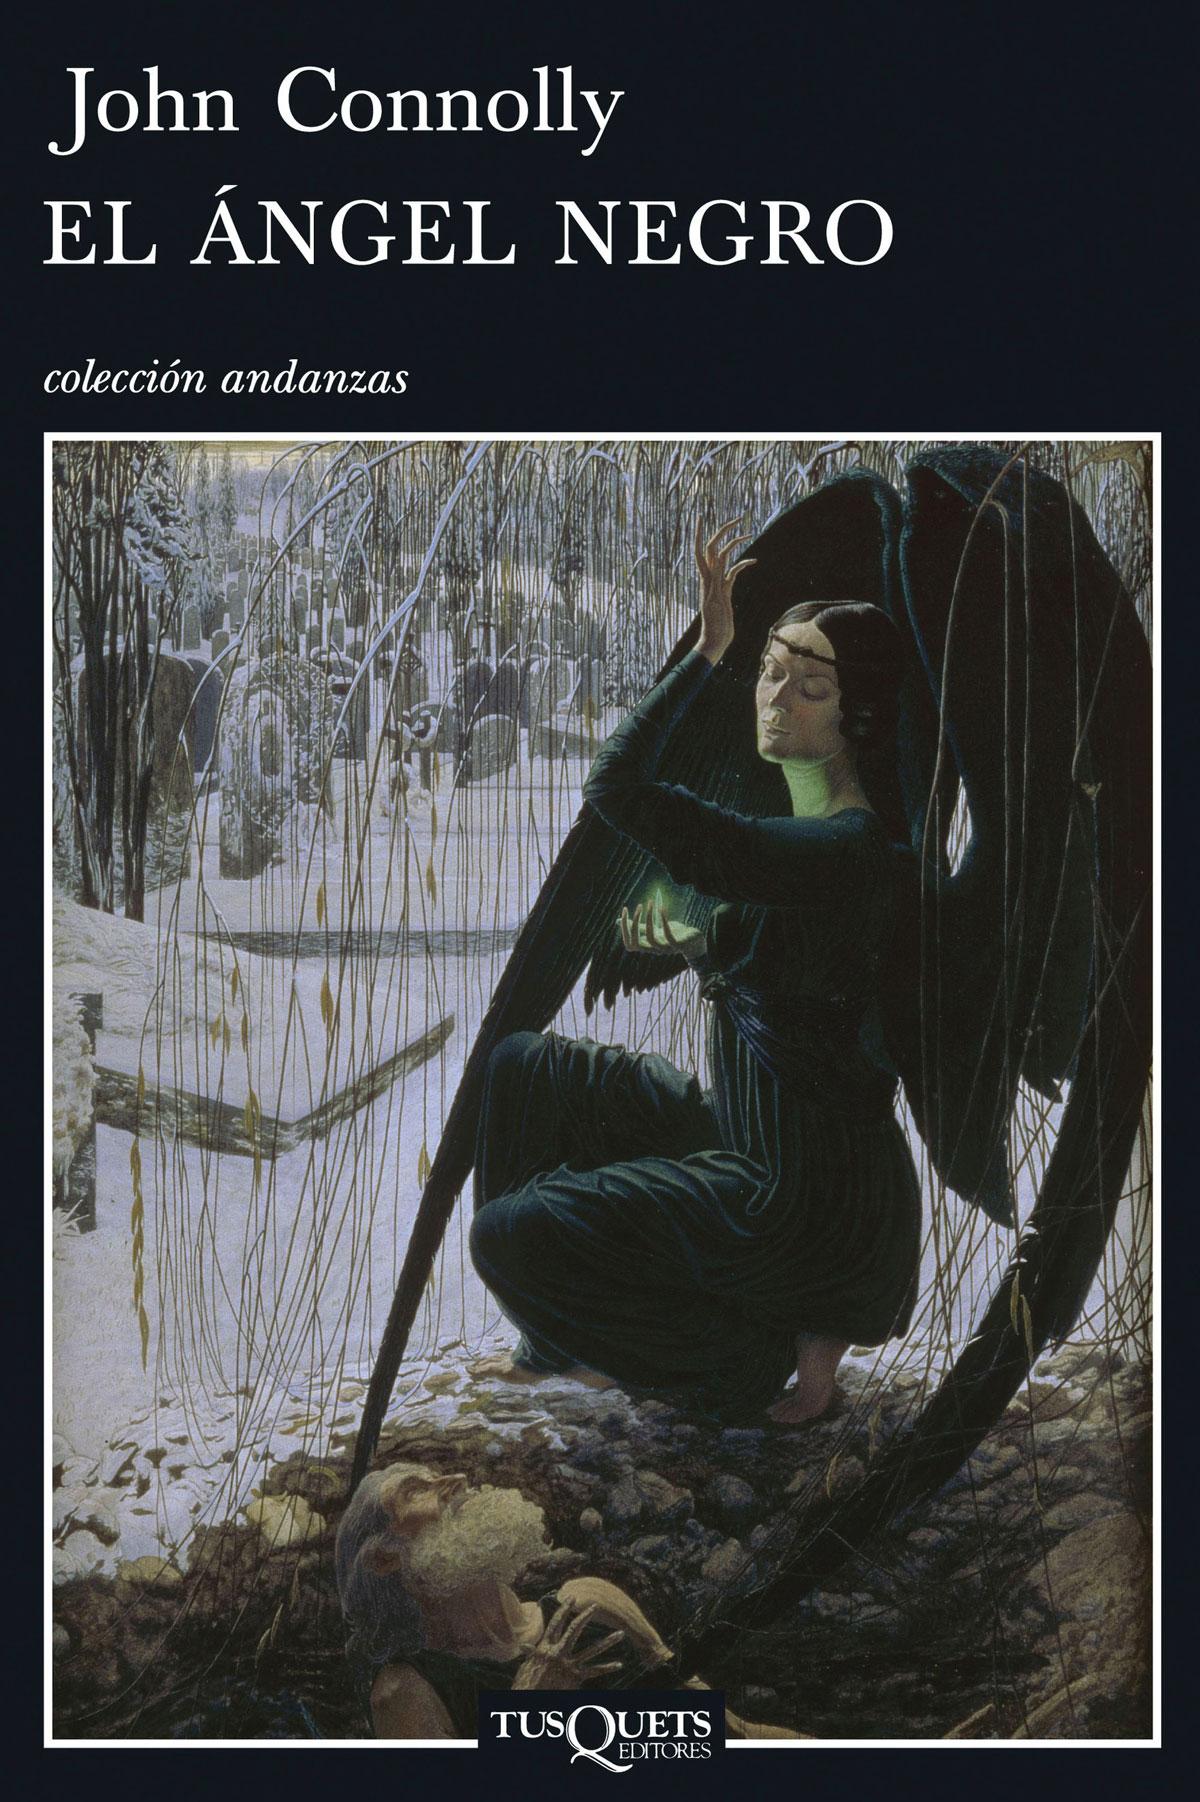 Portada de la novela El ángel negro, de John Connolly